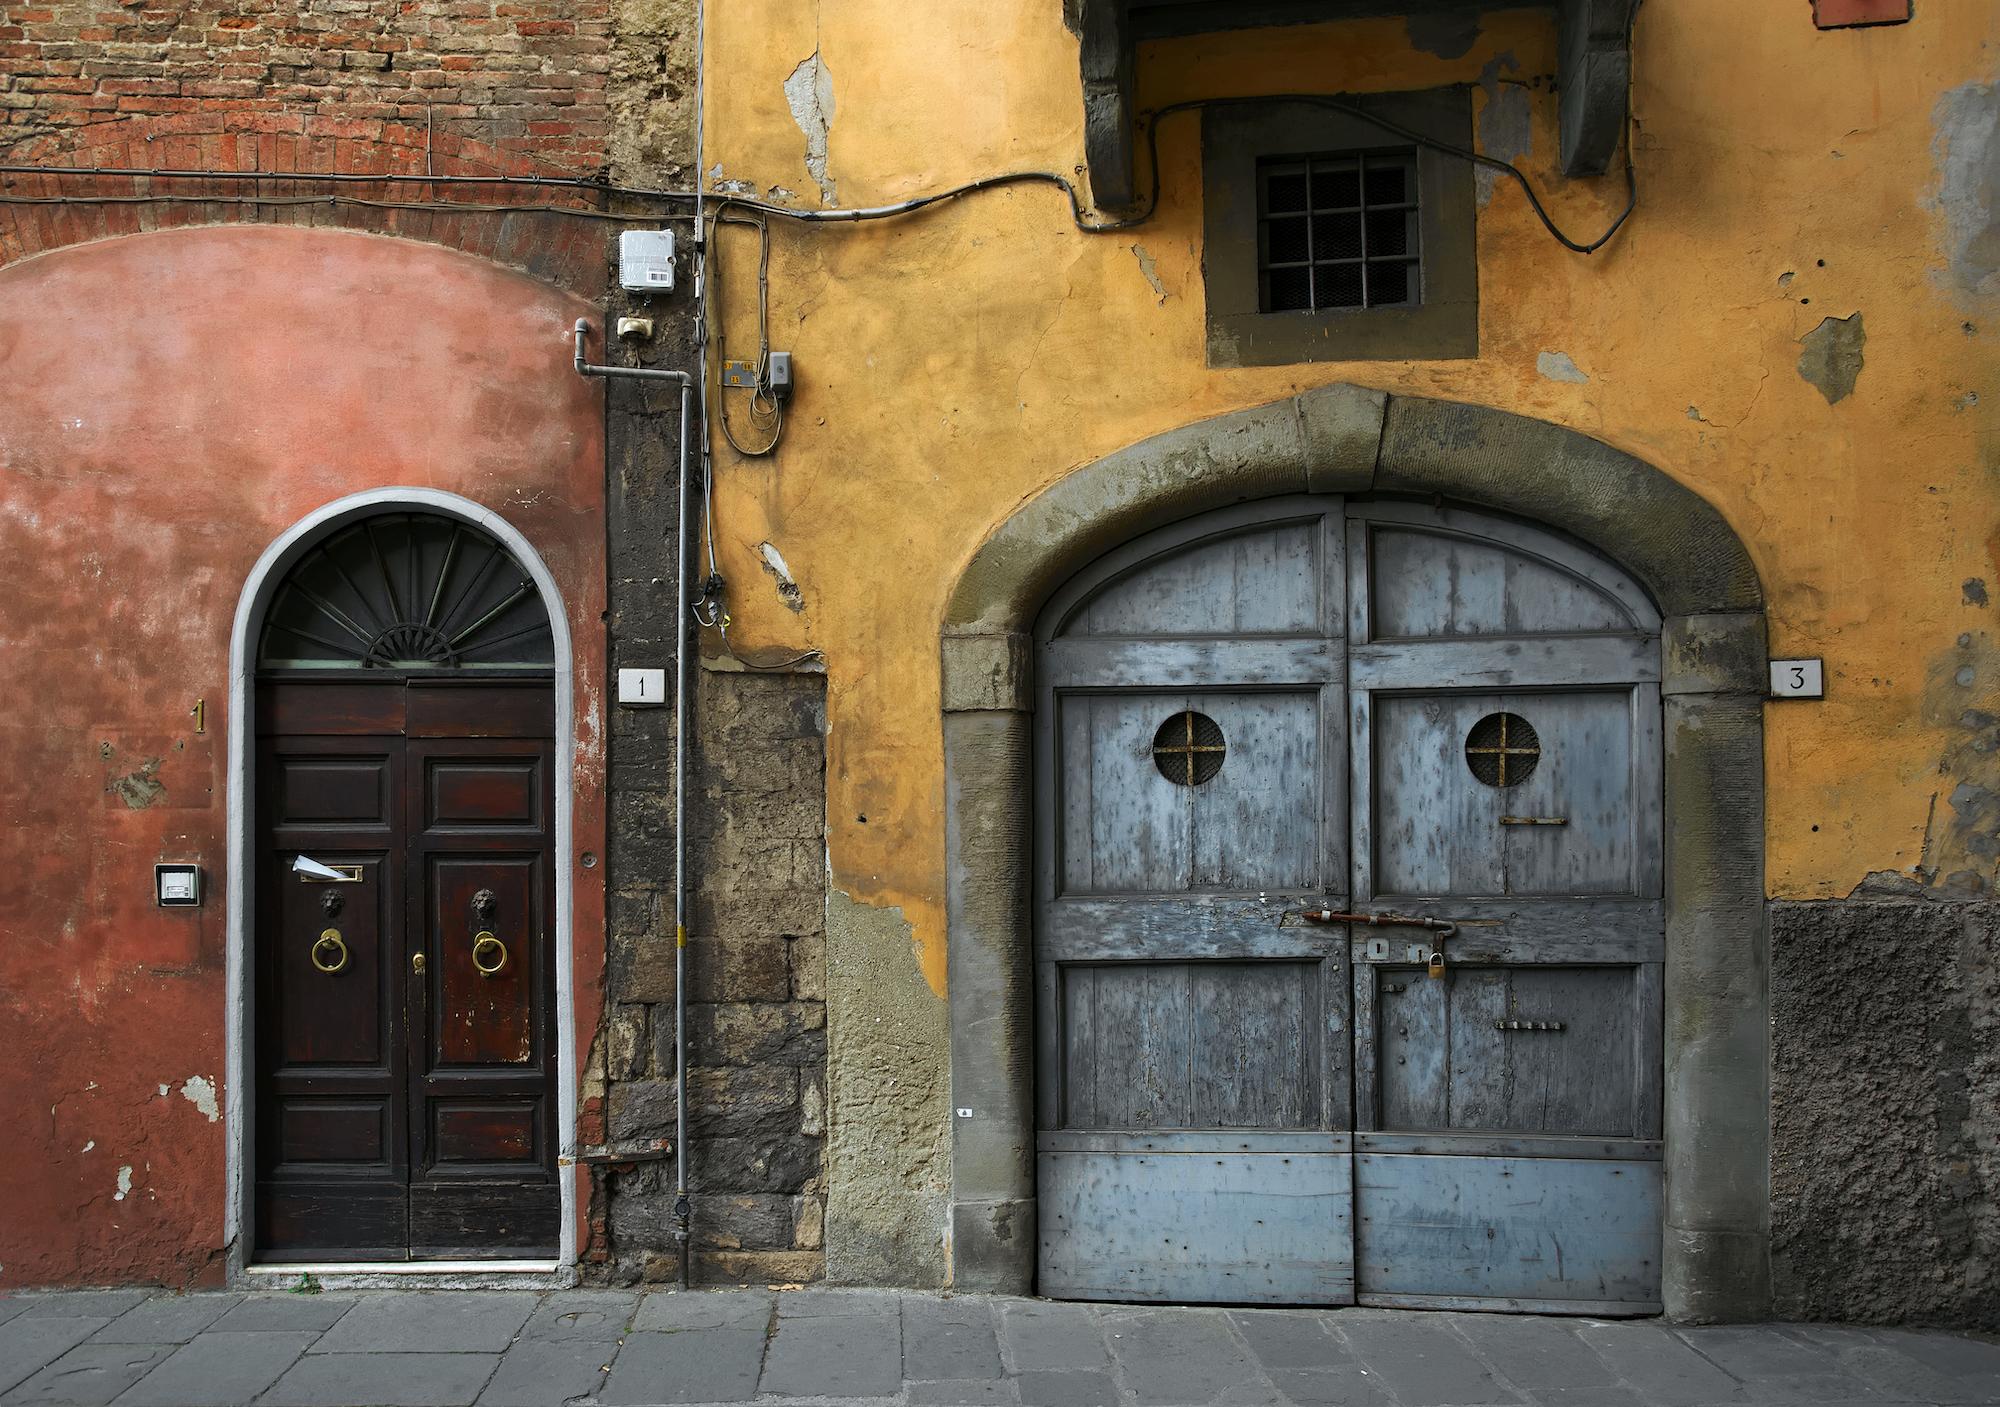 Doorways in Pisa, Italy